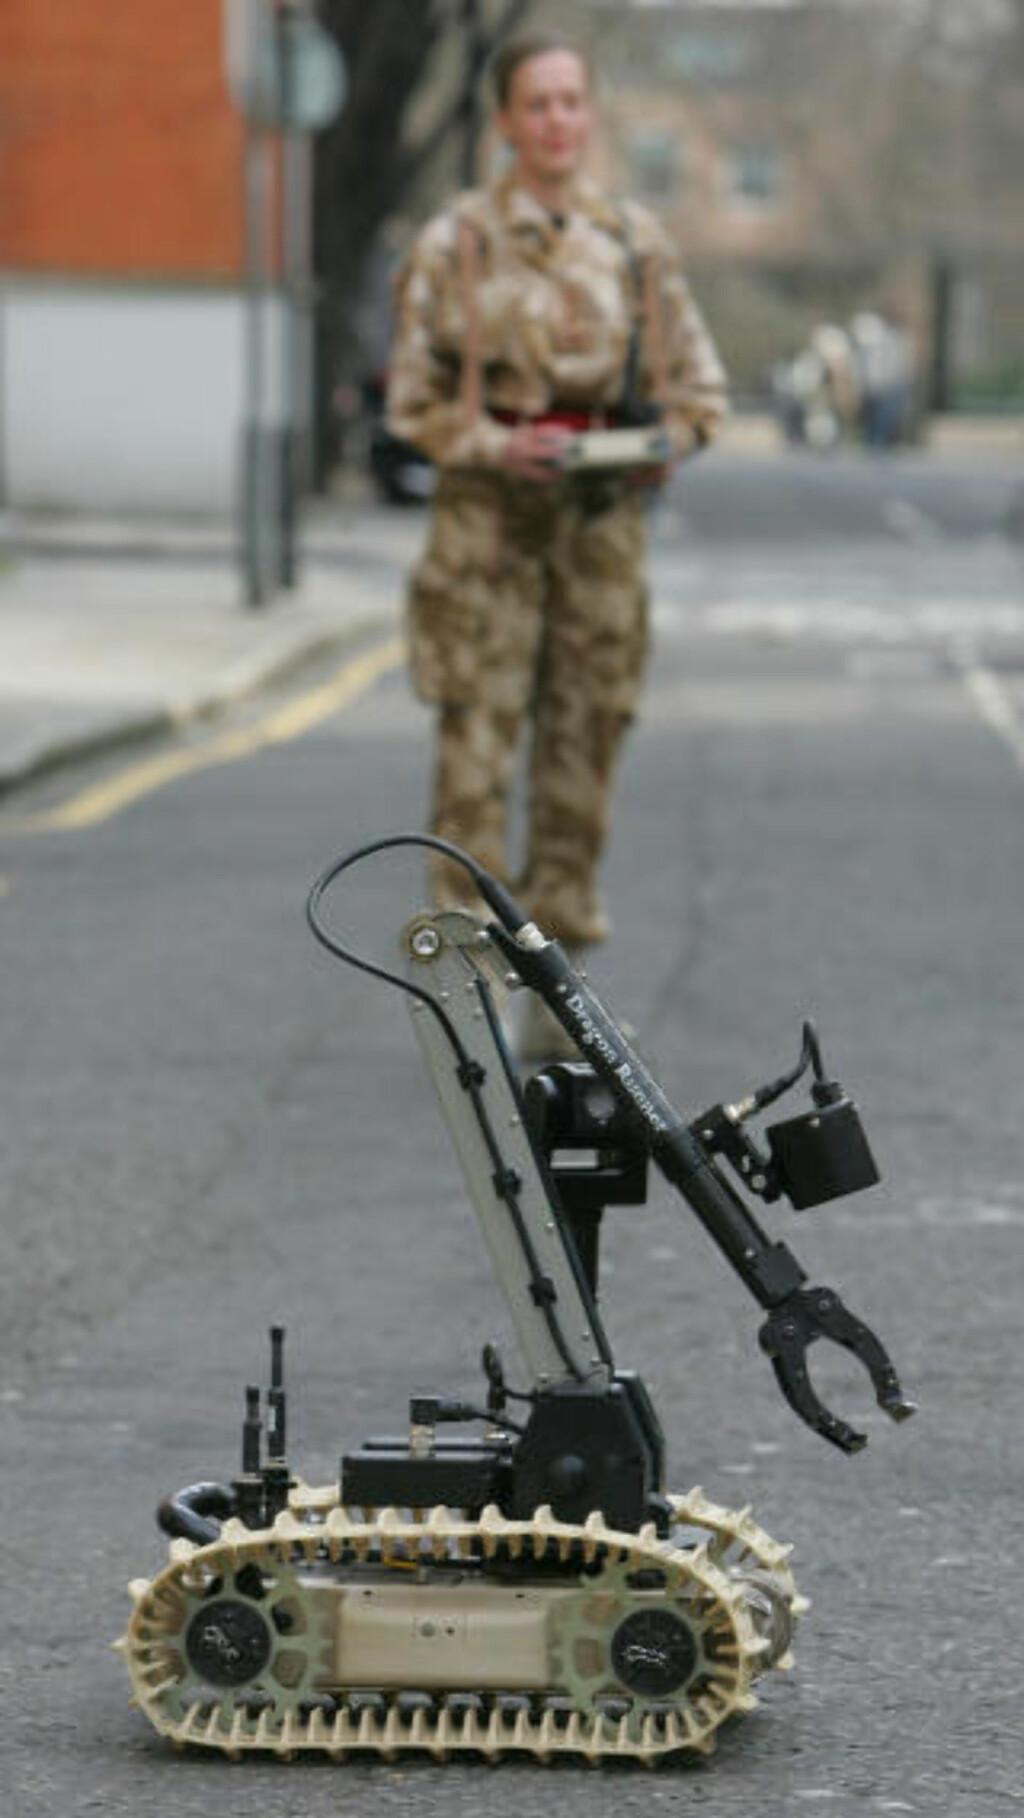 TRÅDLØS: Roboten har fire kameraer som sender levende bilder til håndkontrollen. Den lille armen kan utføre avanserte operasjoner, og løfte gjenstander på opptil fem kilo. Foto: AFP/GEOFF CADDICK/SCANPIX